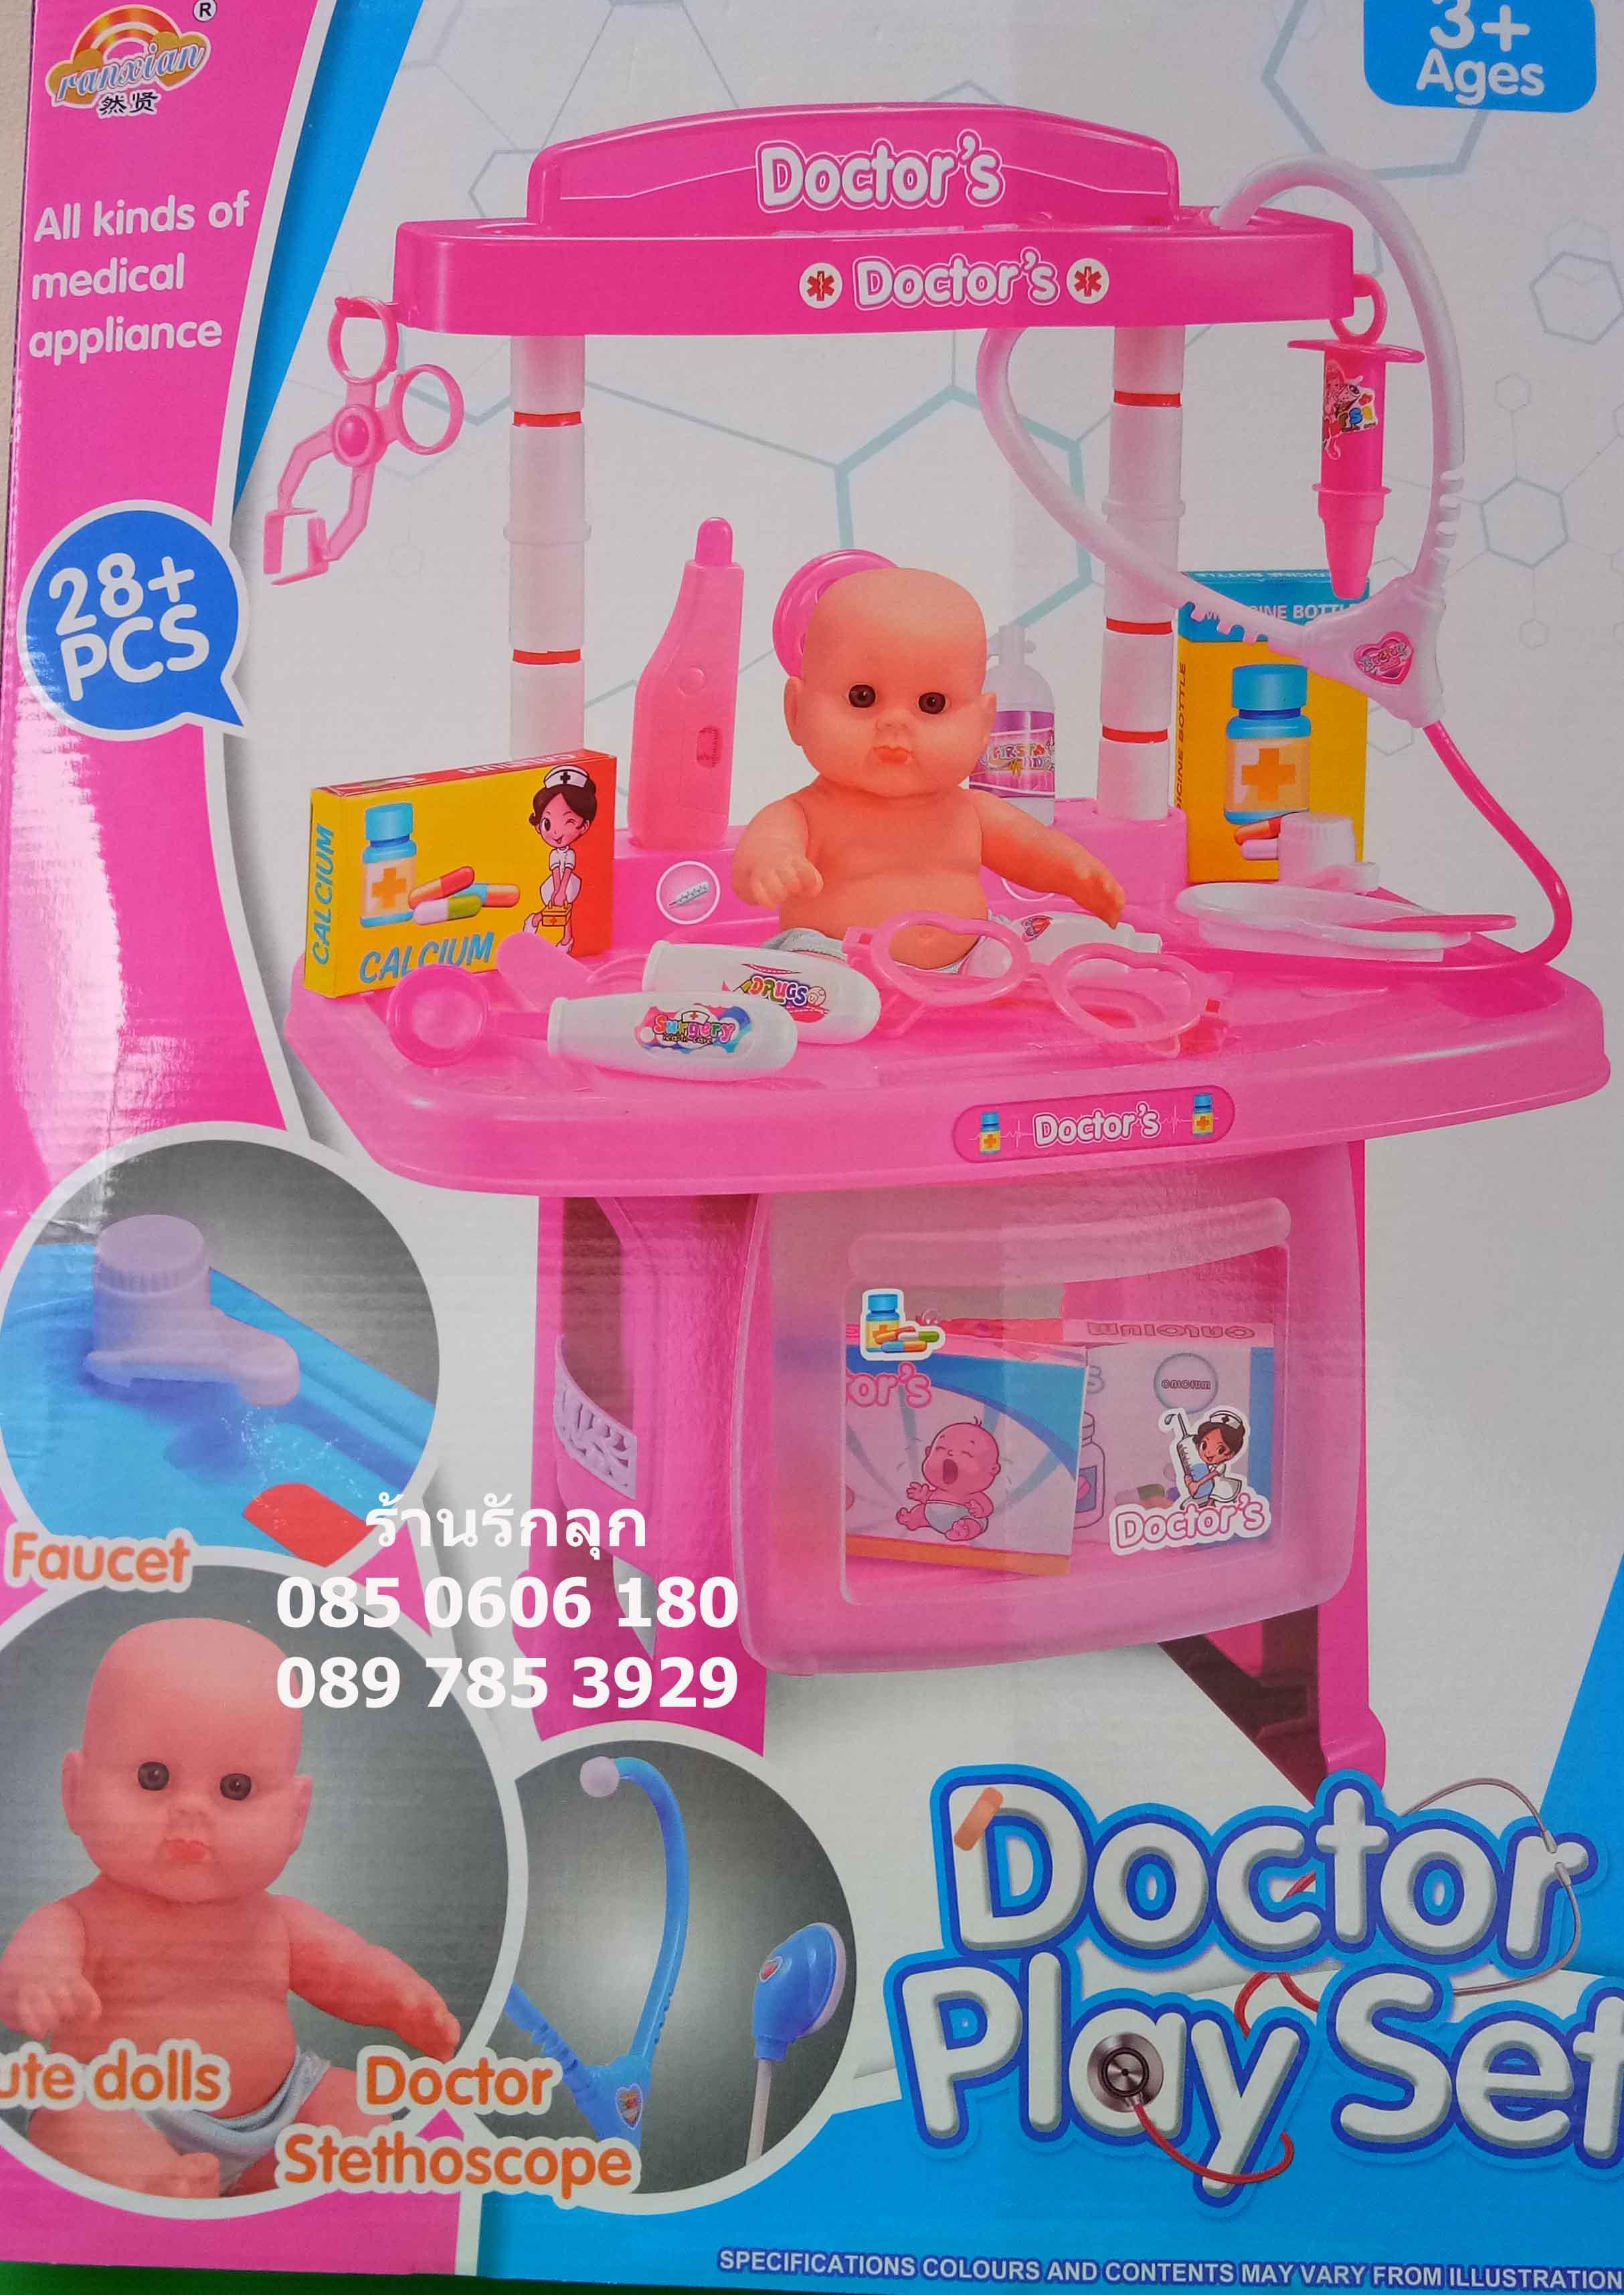 โต๊ะคุณหมอของเล่นเด็ก+อุปกรณ์ครบเซต